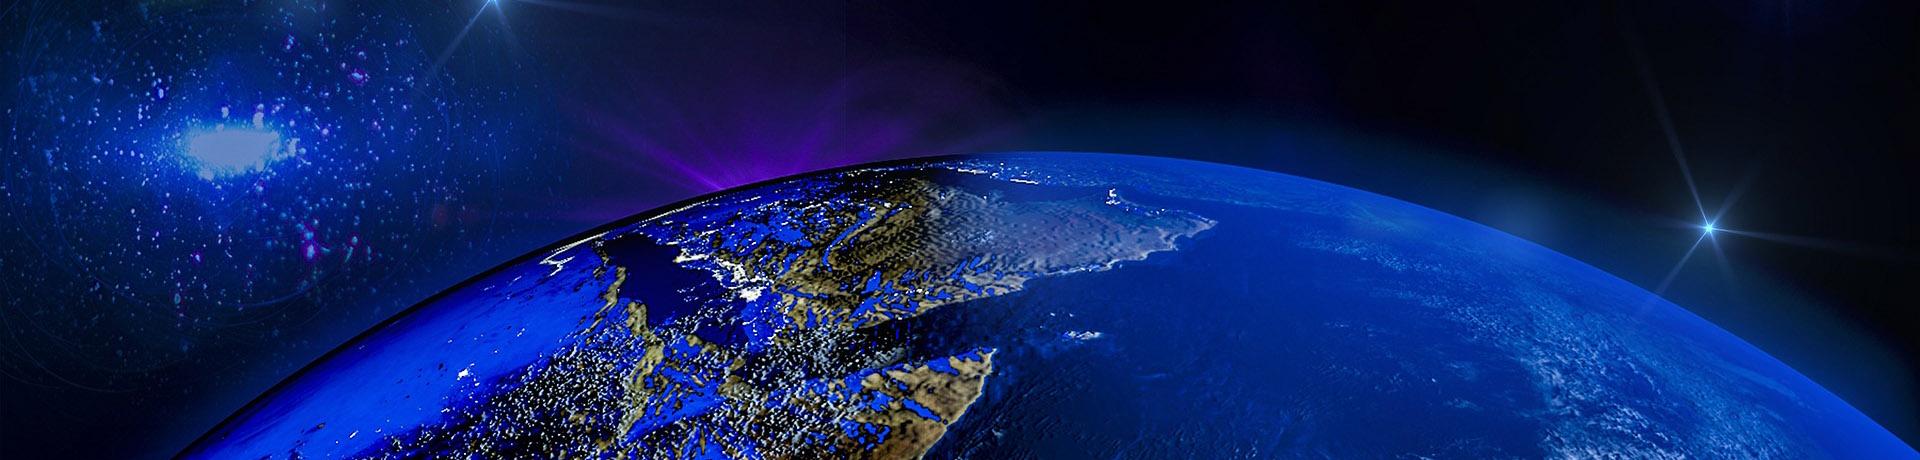 Planète Terre vue d'en haut